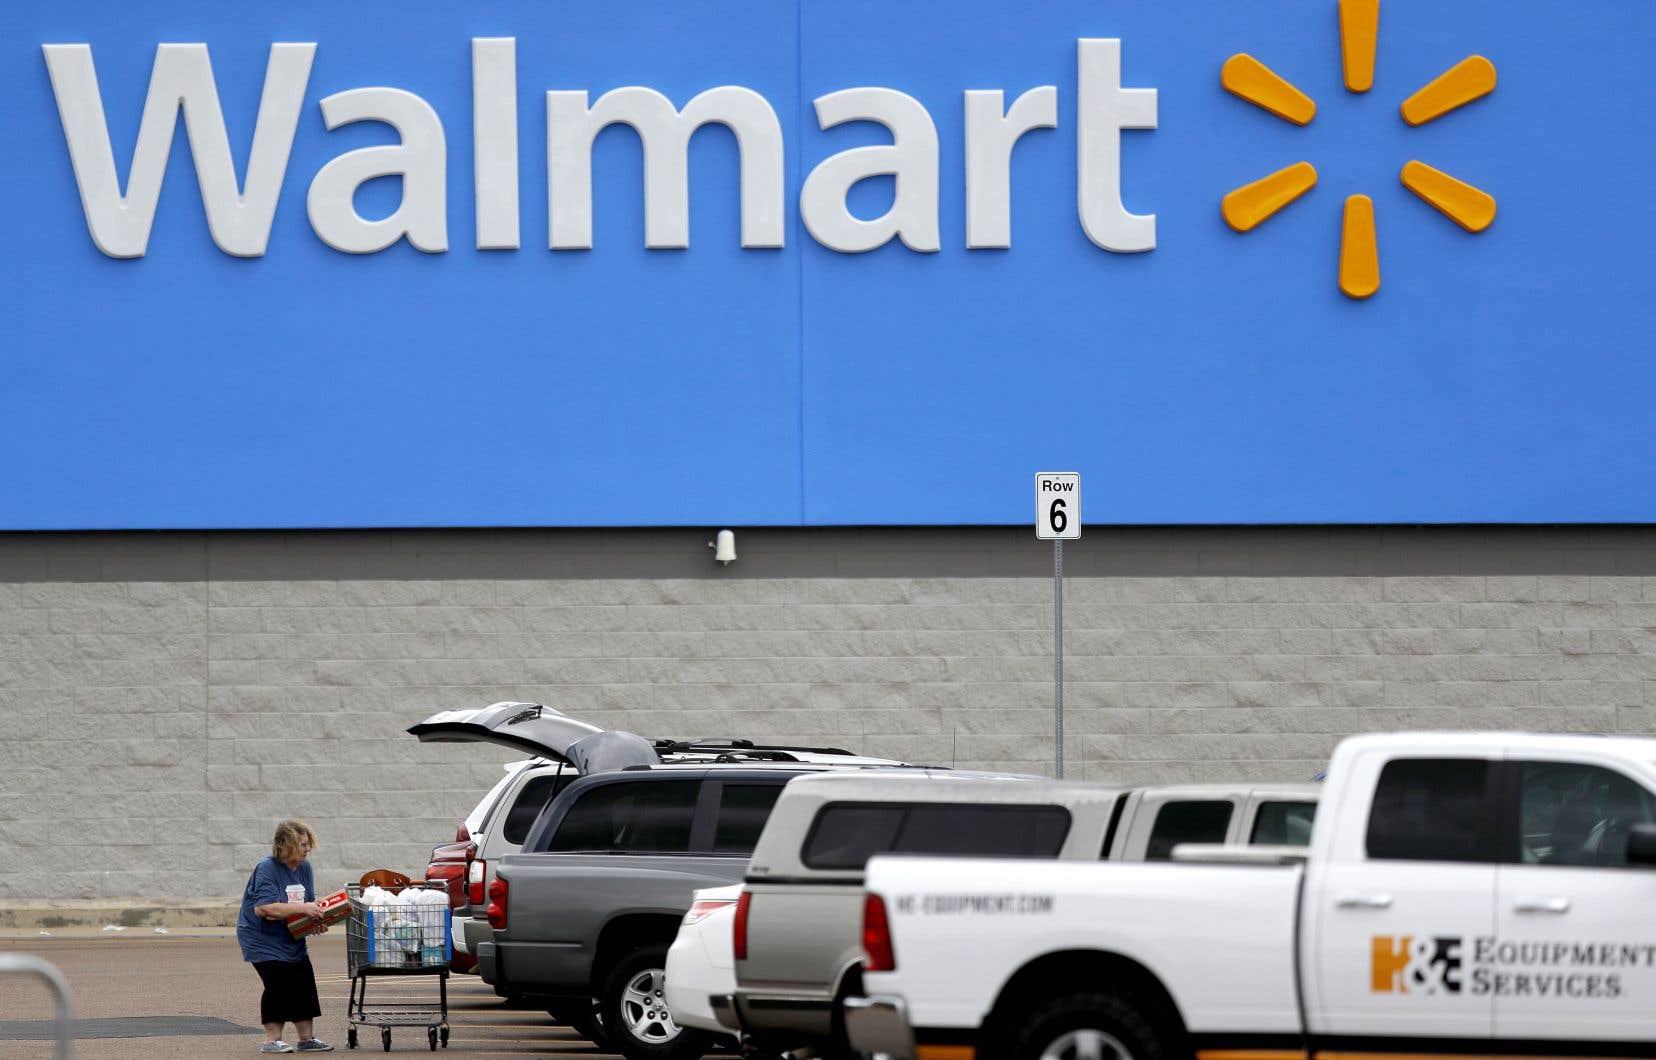 150 magasins vont être rénovés, soit plus du tiers du réseau total de plus de 400 magasins Walmart au pays, dans les trois prochaines années.